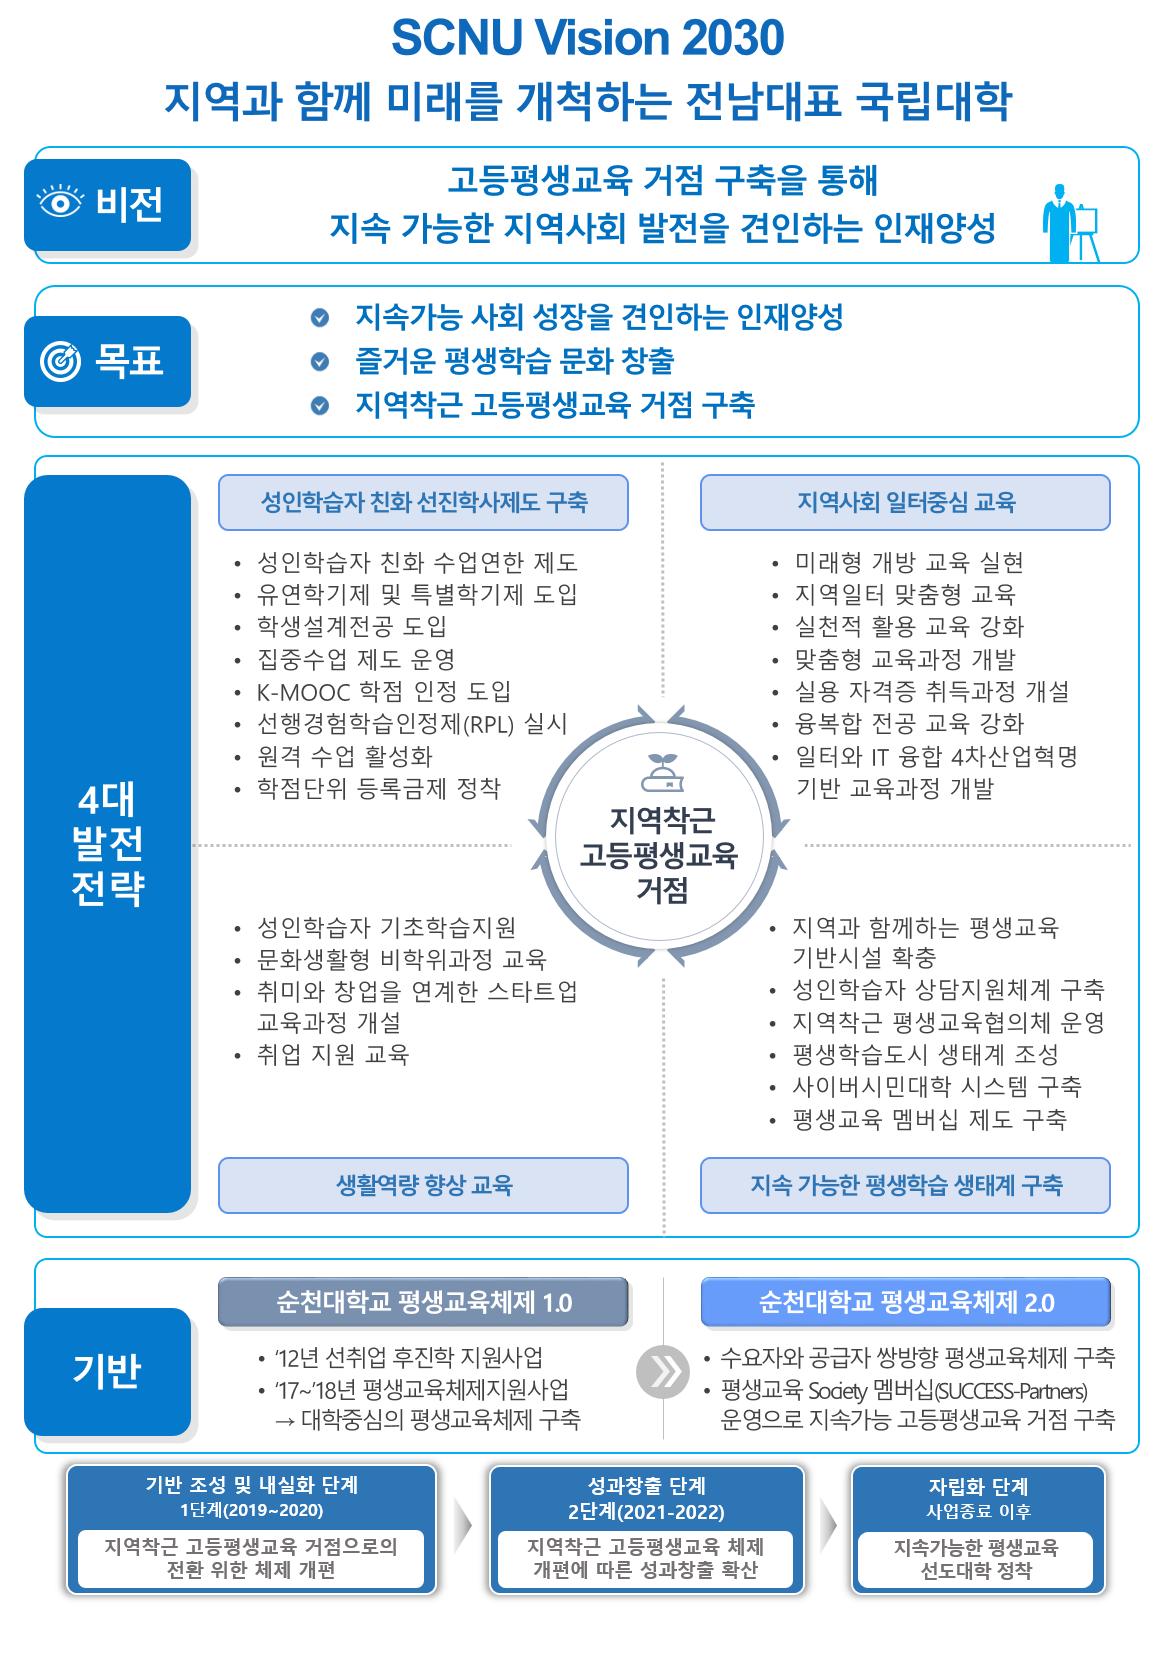 미래융합대학 4대 발전 전략